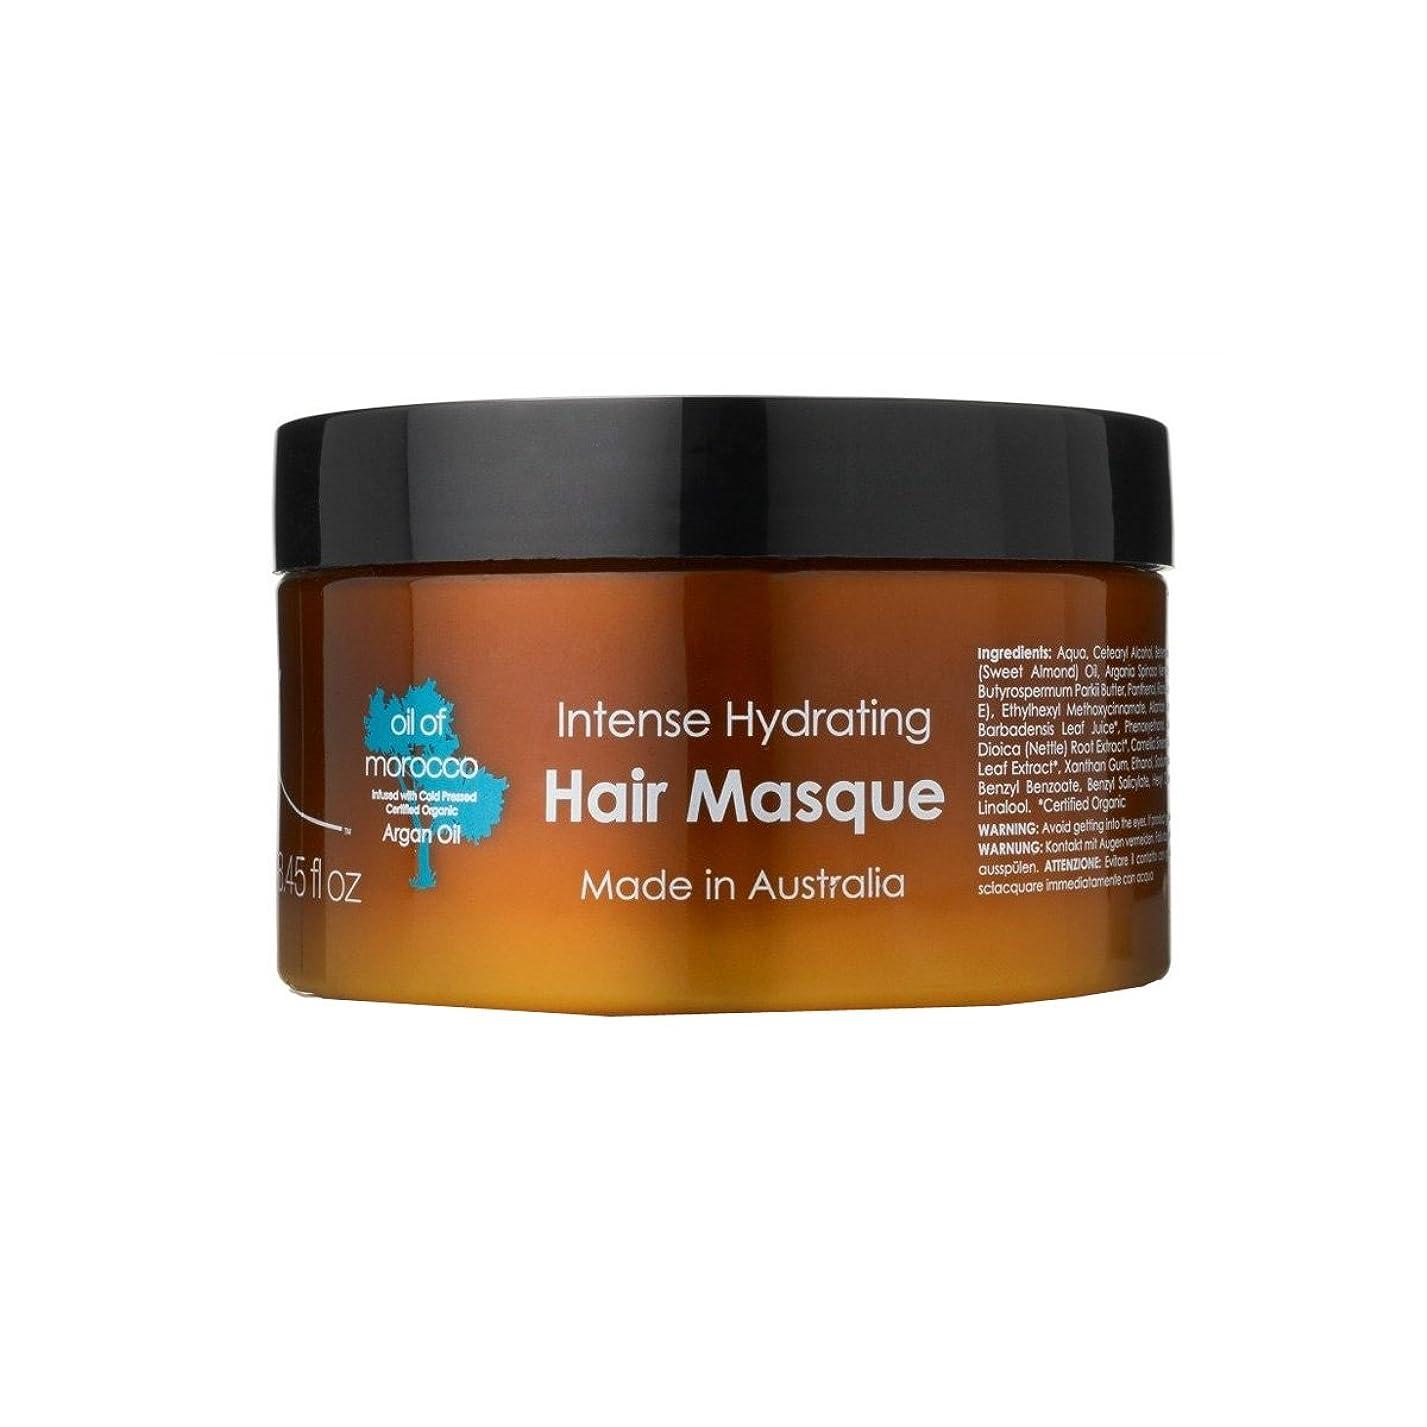 のれんくさび塩辛いシルクオイルオブモロッコ ハイドレイティングヘアマスク 250ml